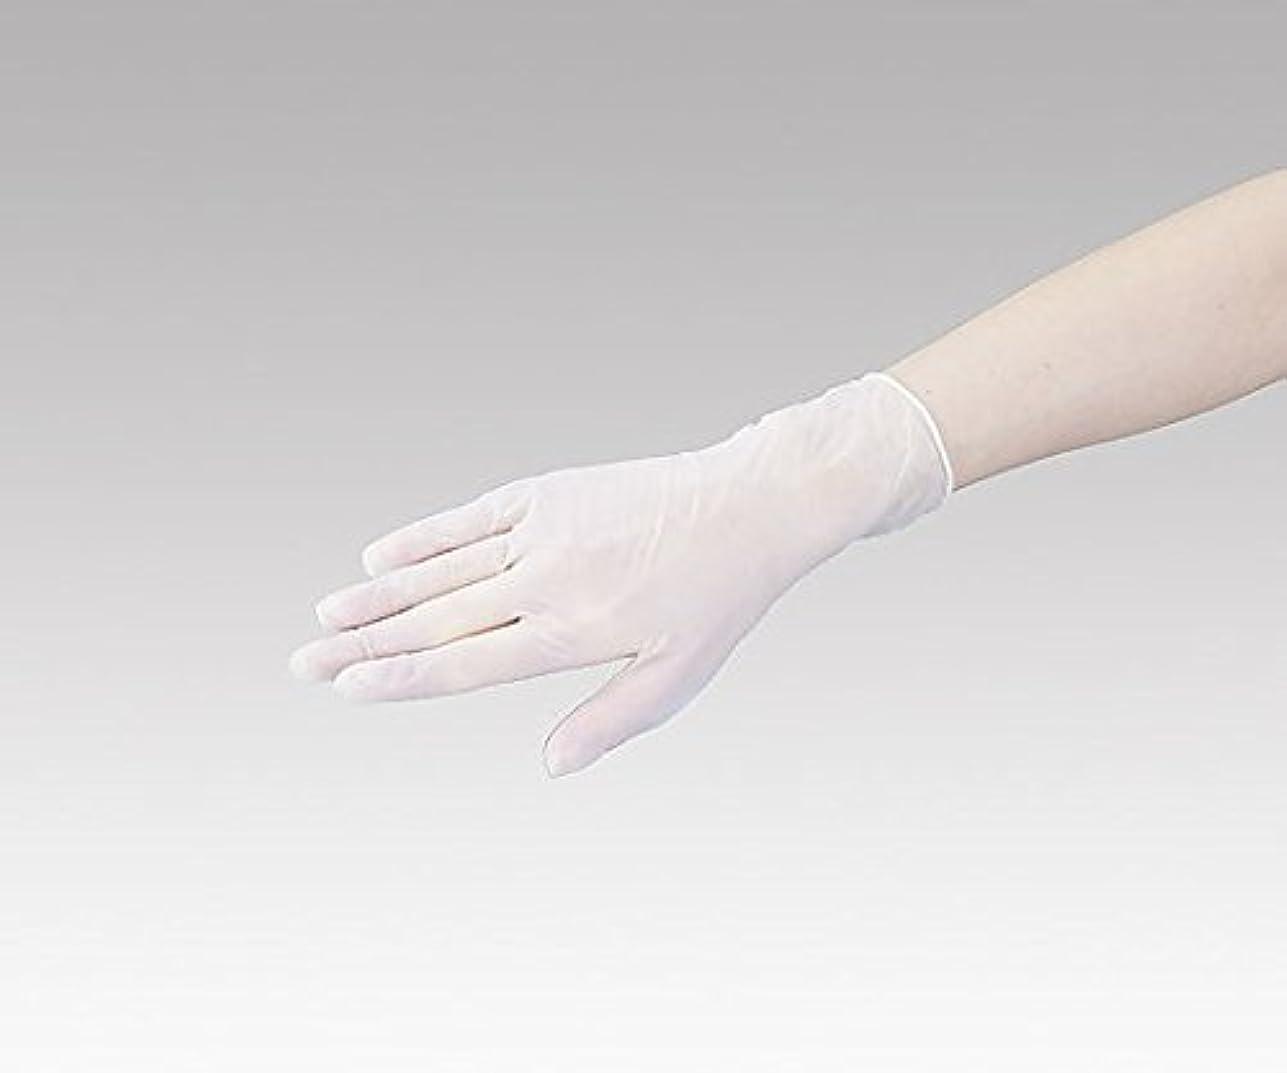 トレイ一握りパースブラックボロウナビス(アズワン)0-9867-01ナビロールプラスチック手袋L100入